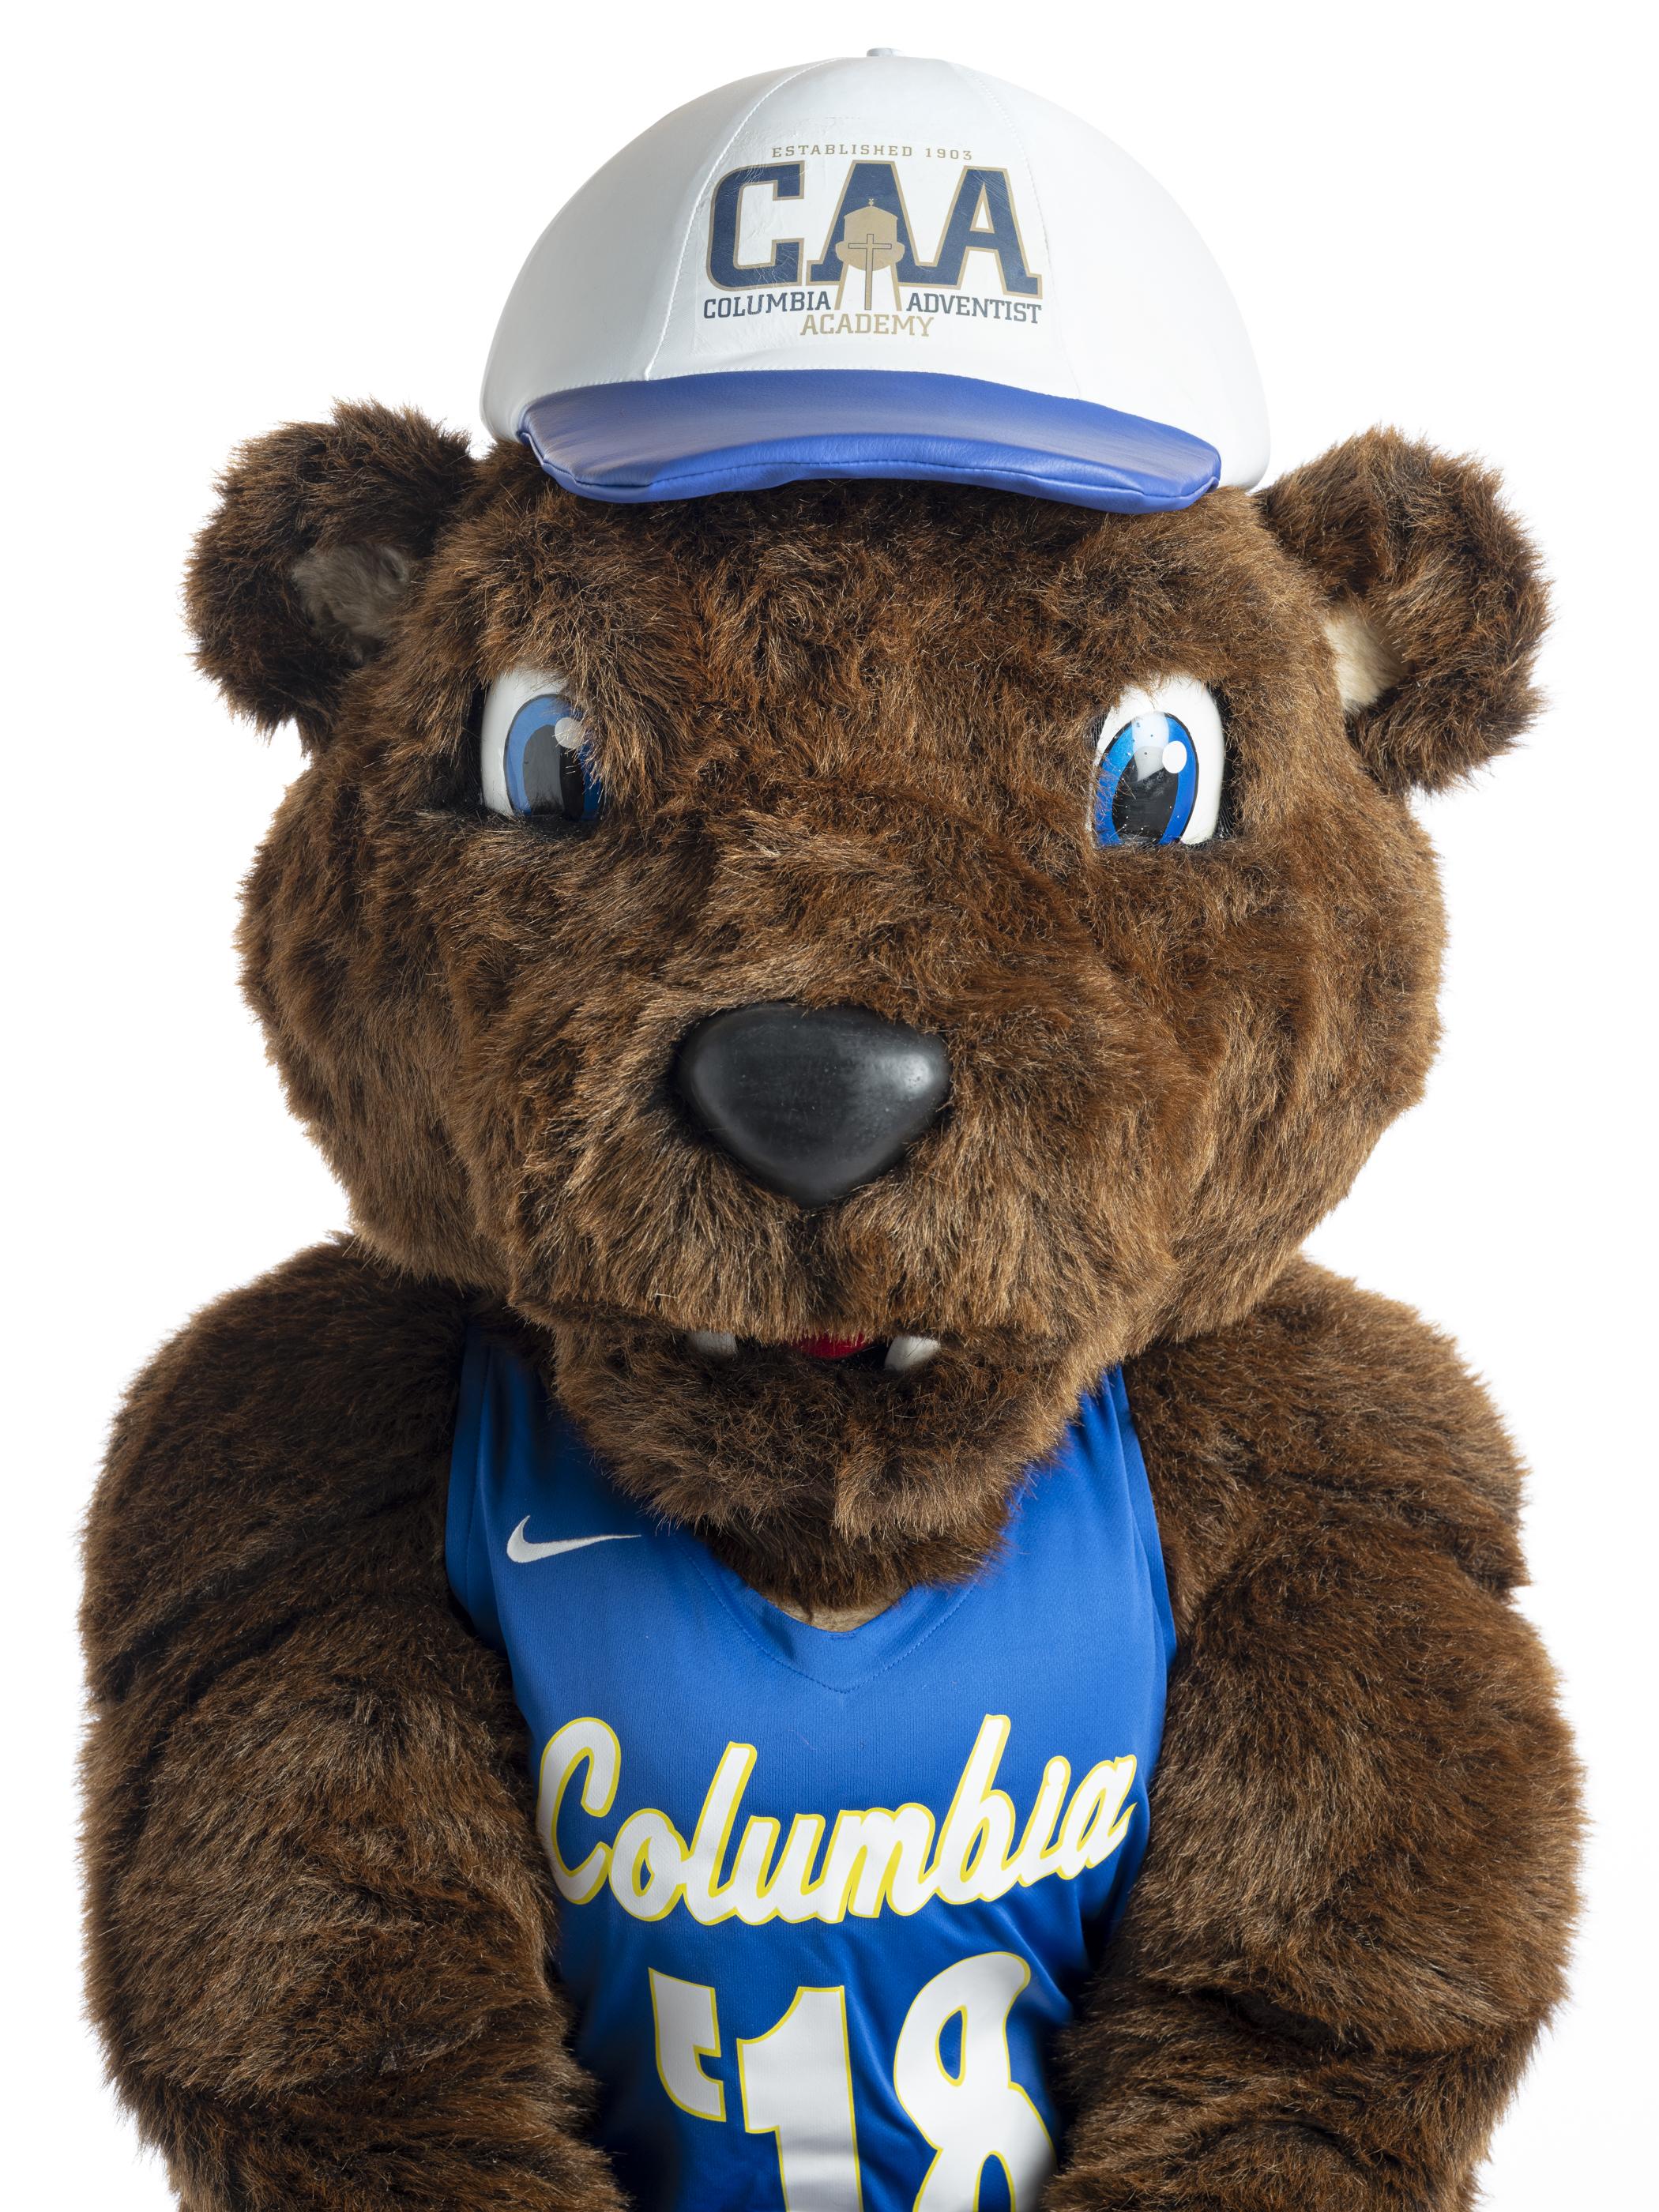 Columbia Adventist Kodiaks